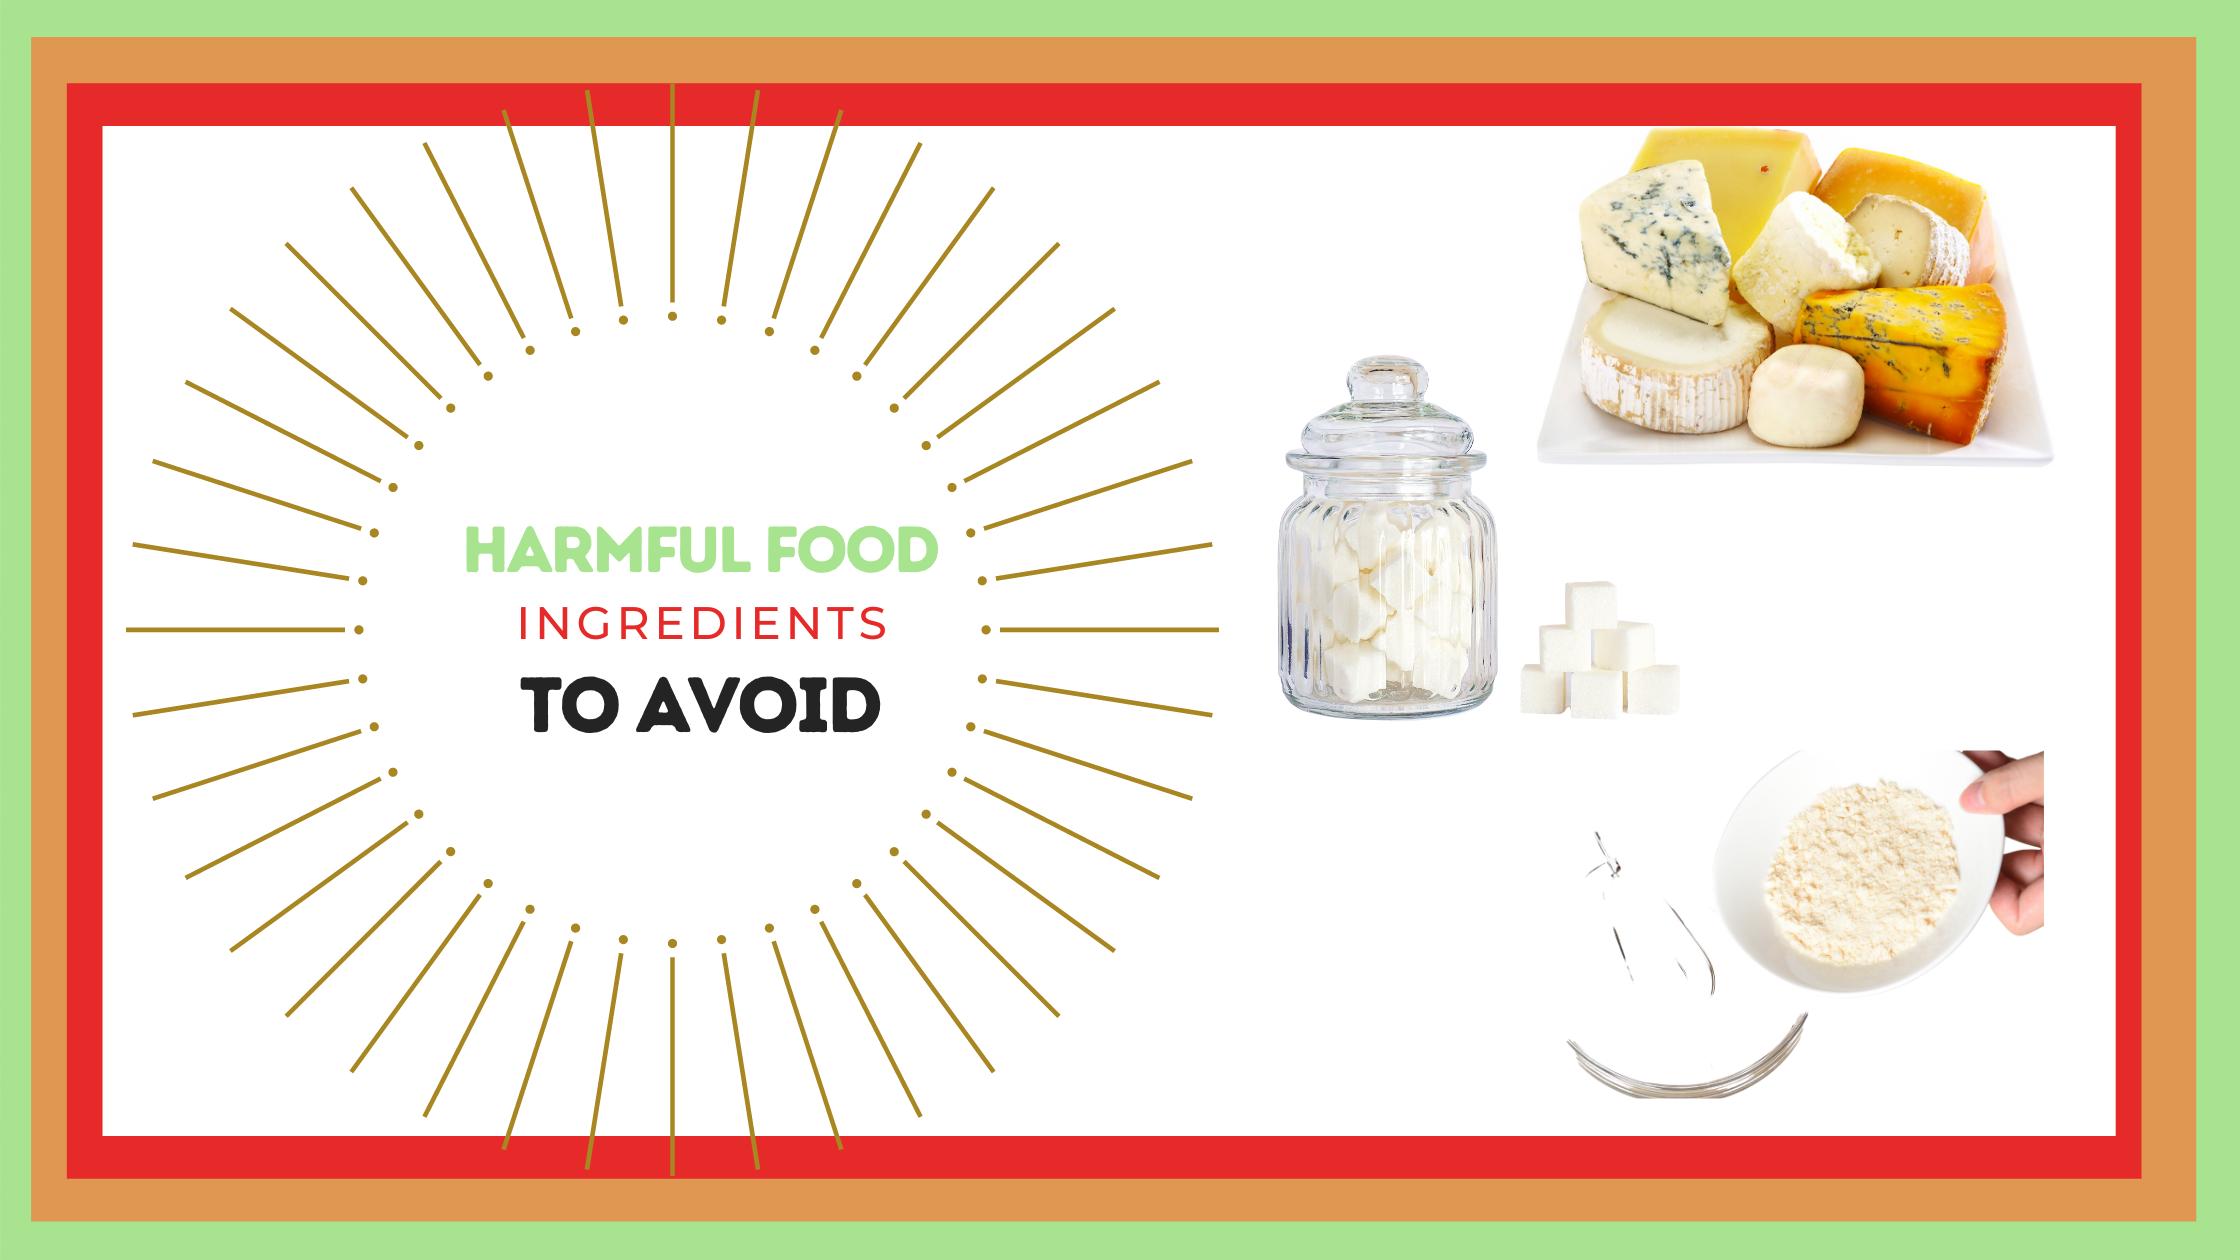 HARMFUL FOOD INGREDIENTS TO AVOID .